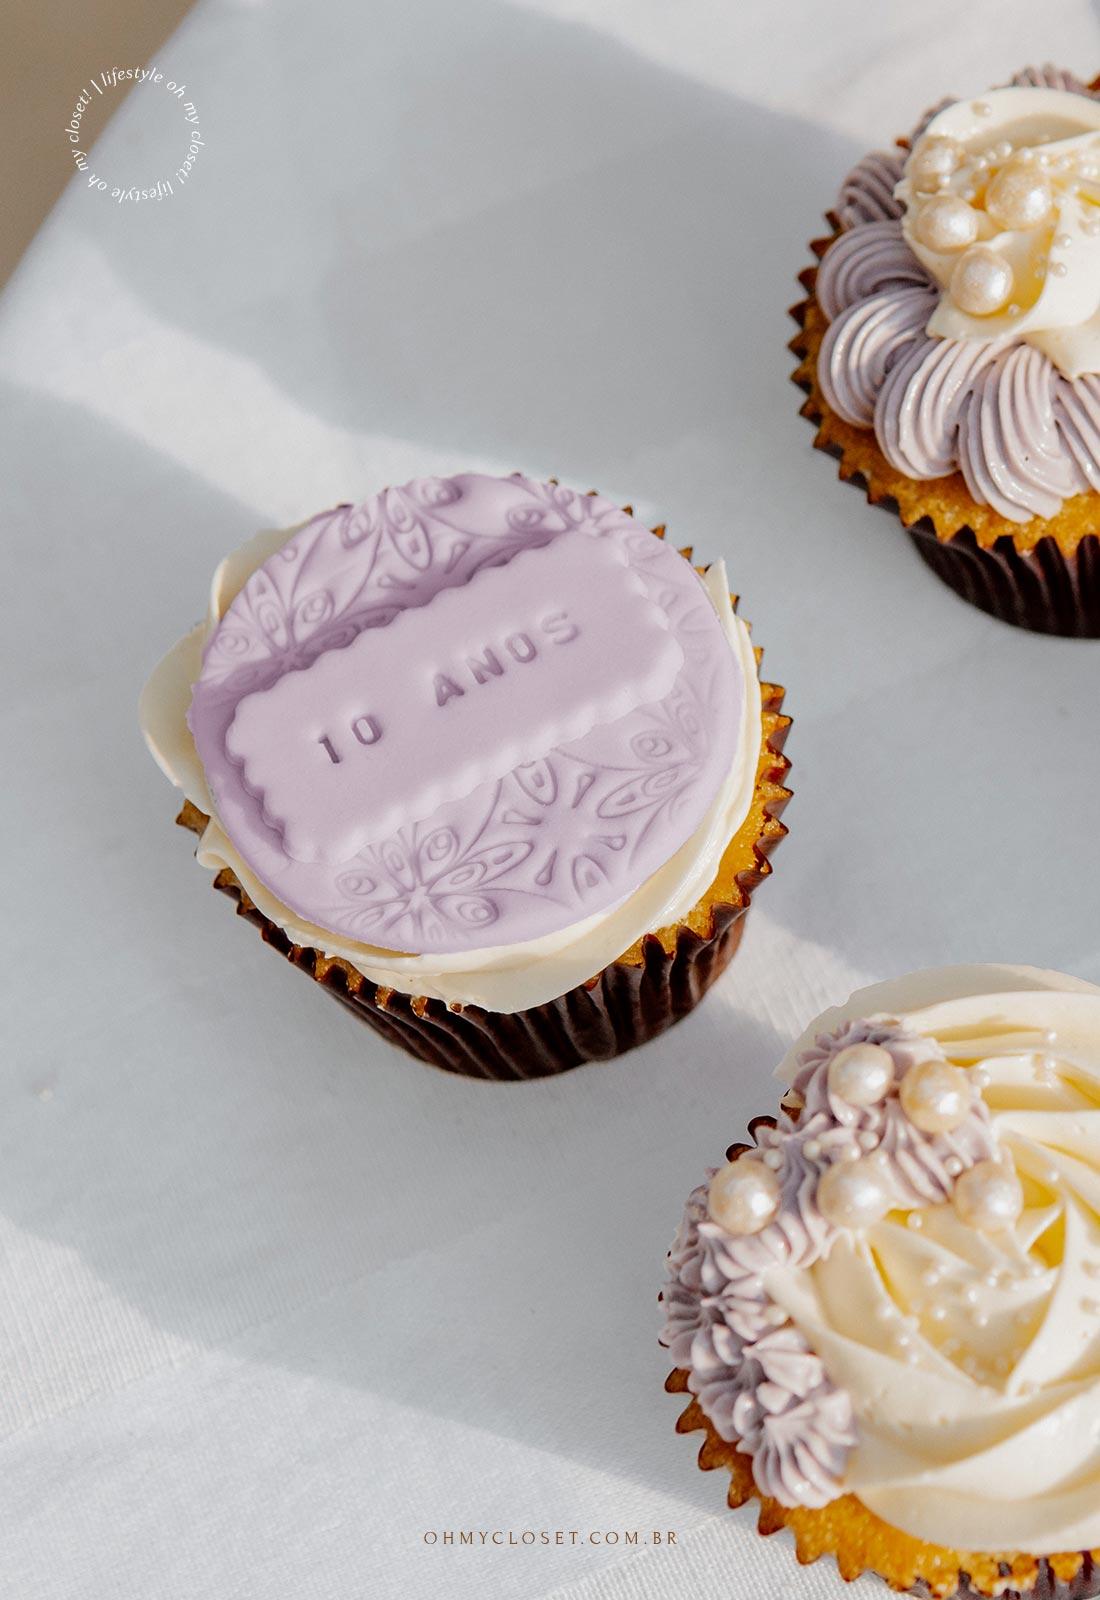 Detalhe dos cupcakes, comemoração em casa durante a pandemia.